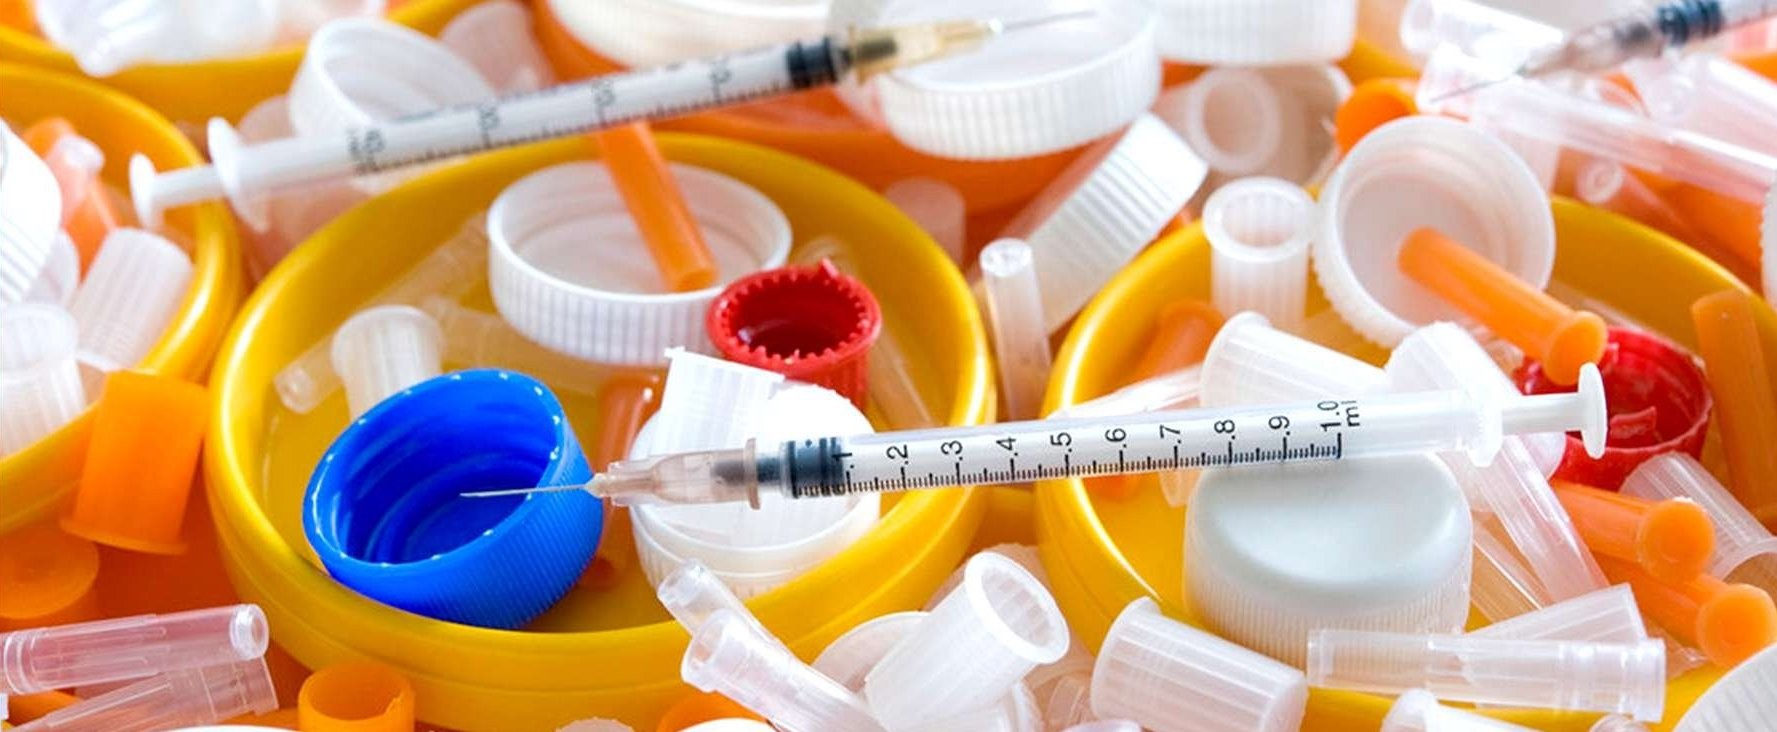 медицинские отходы